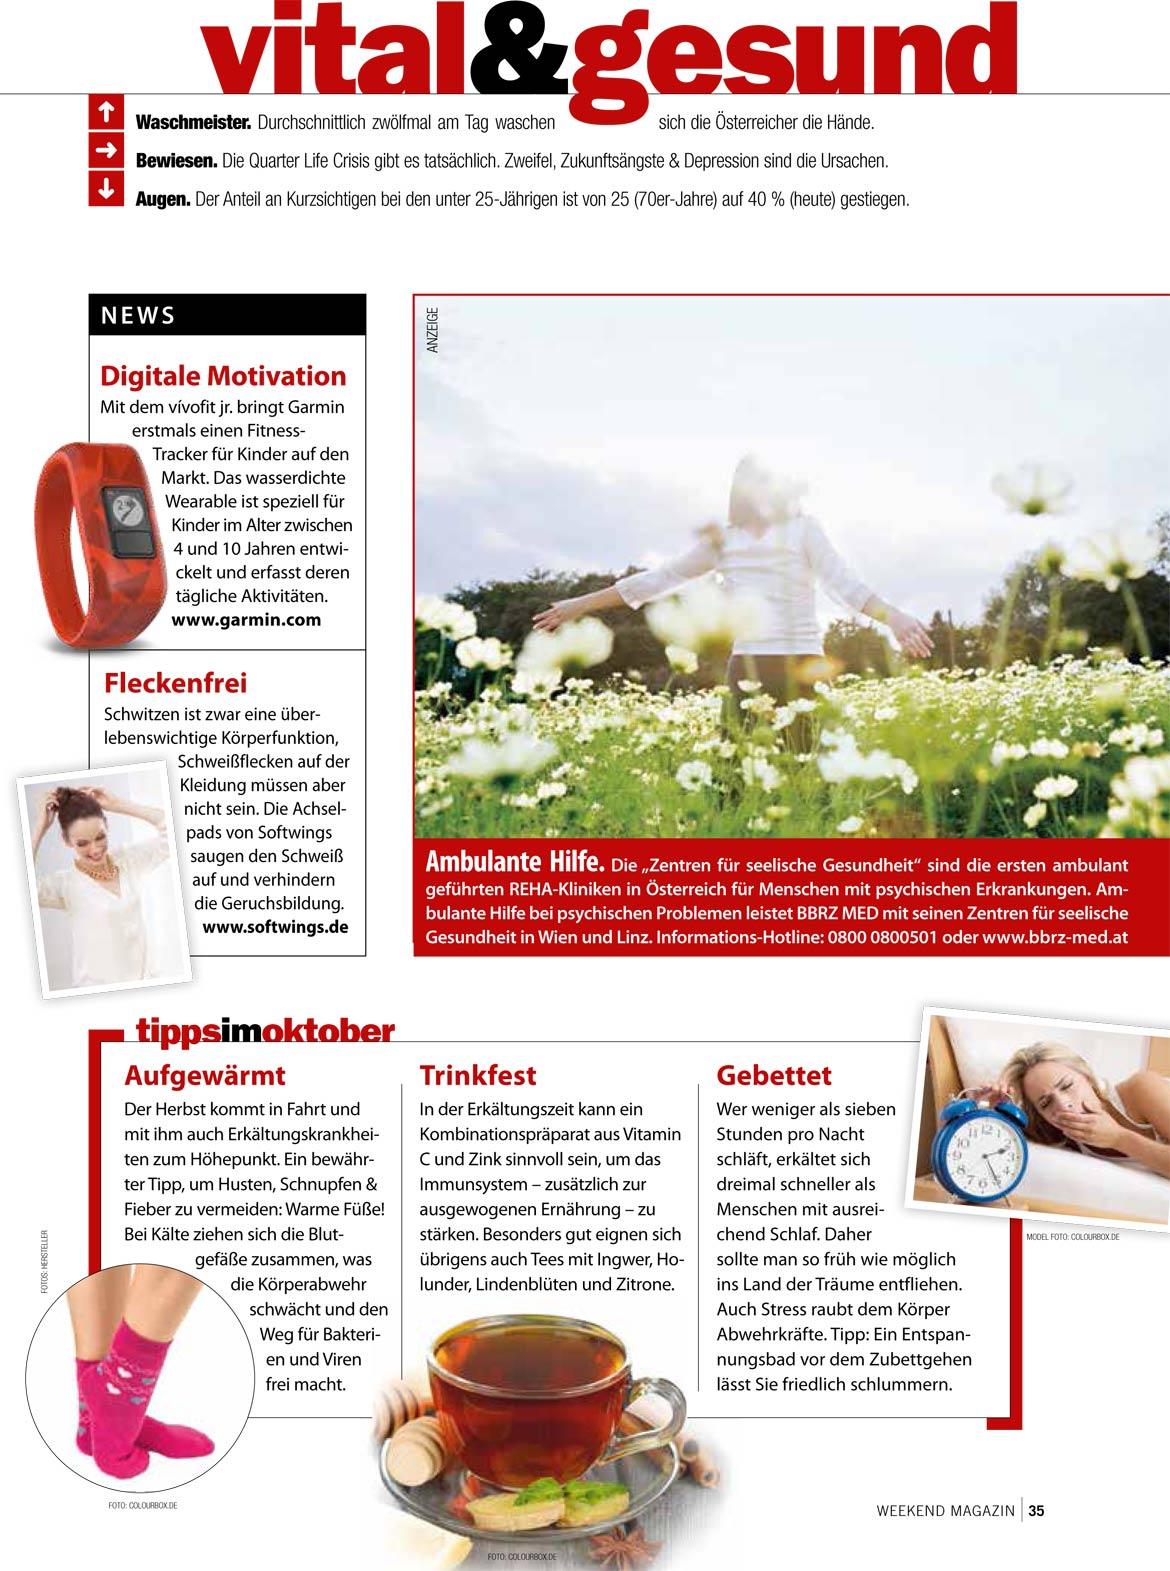 Artikel über Achselpads in vital und gesund